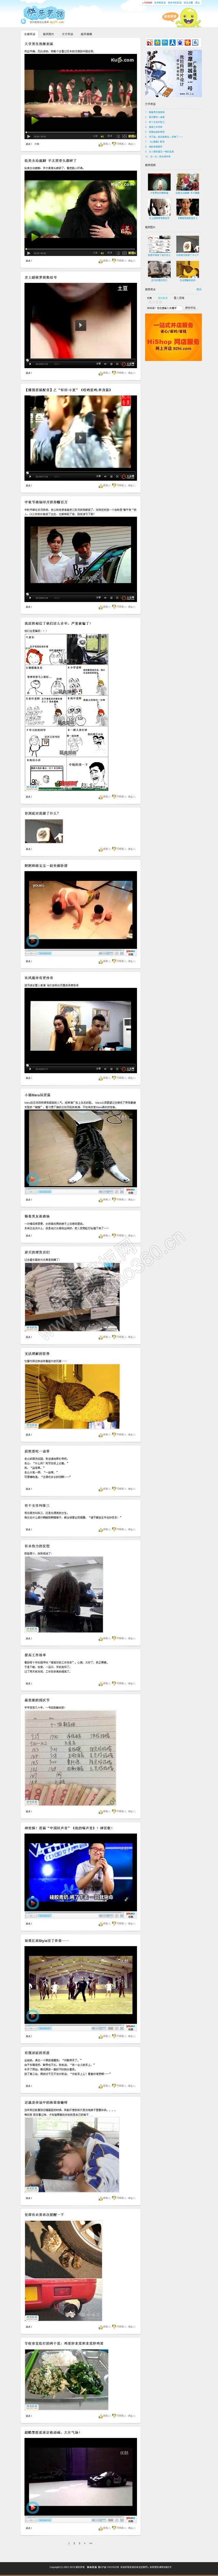 帝国cms笑话搞笑图片视频网站程序源码模板_首页